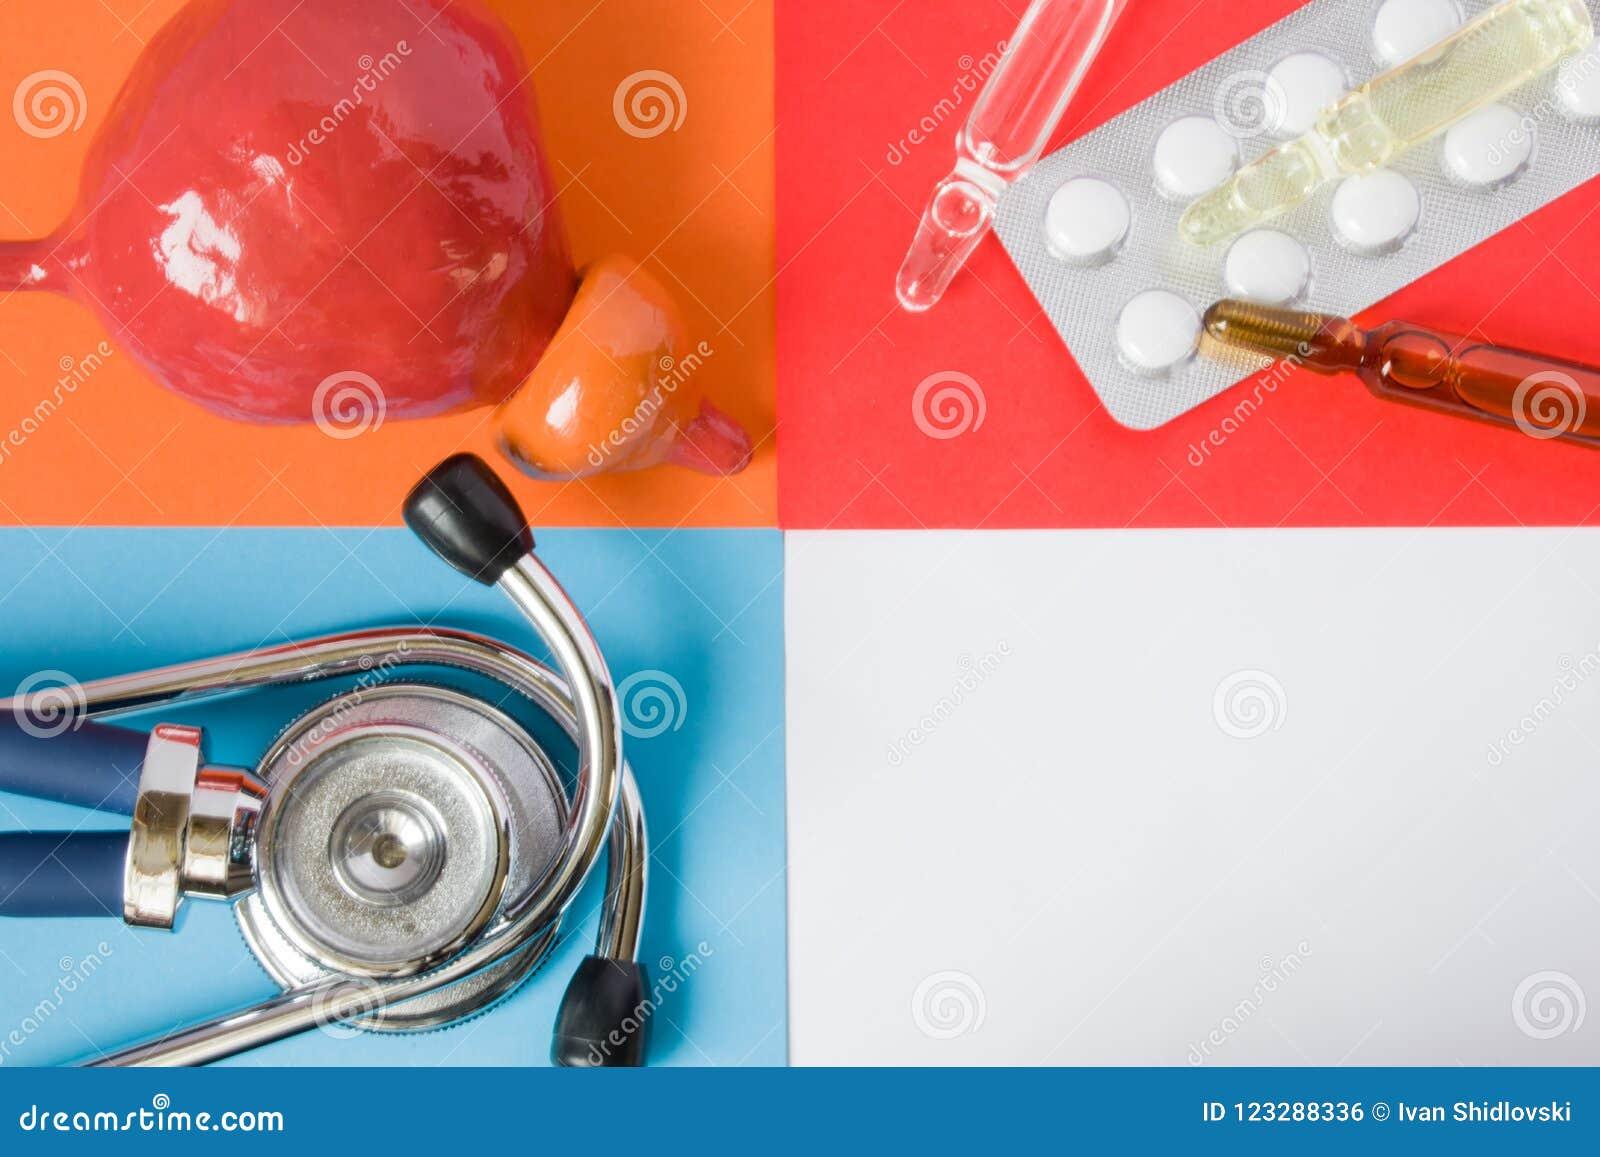 Próstata médica ou dos cuidados médicos de projeto do conceito do foto-órgão, estetoscópio médico diagnóstico da ferramenta e com